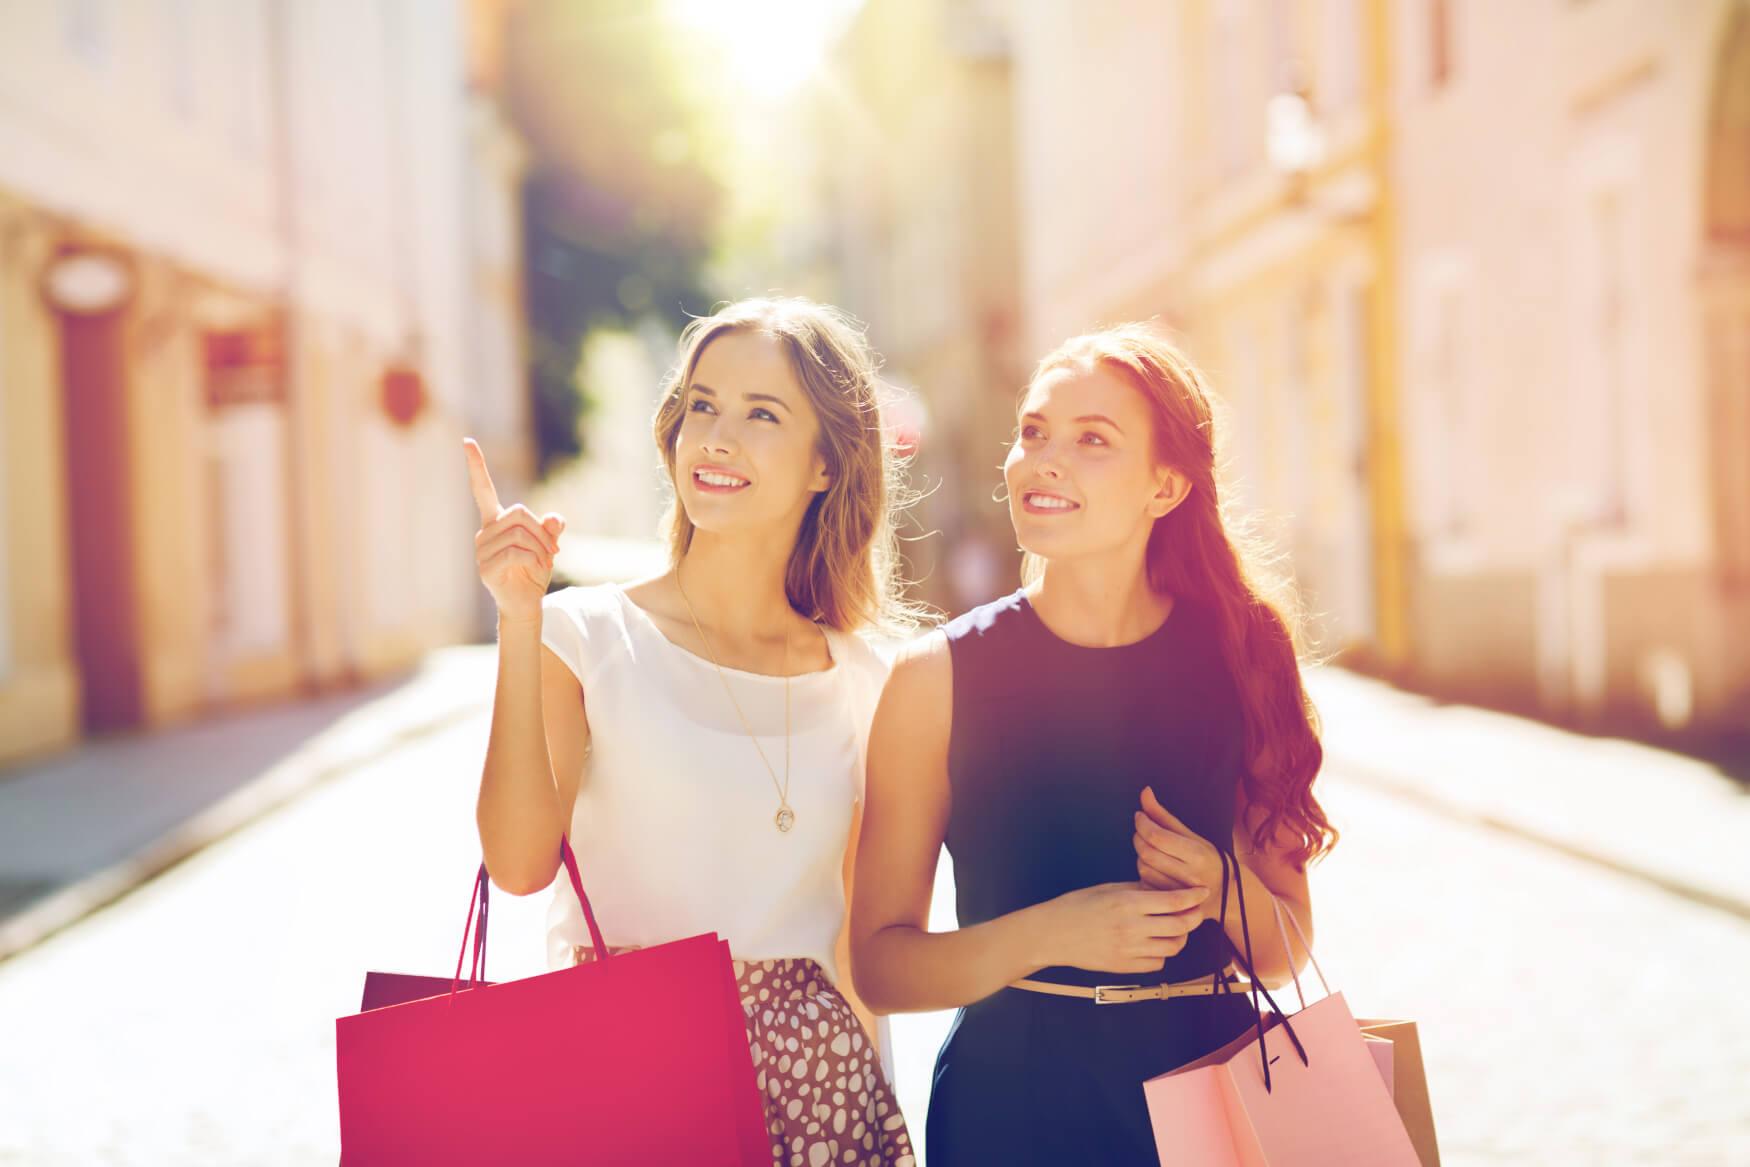 Frauen-Beim-Einkaufen-Shoppen